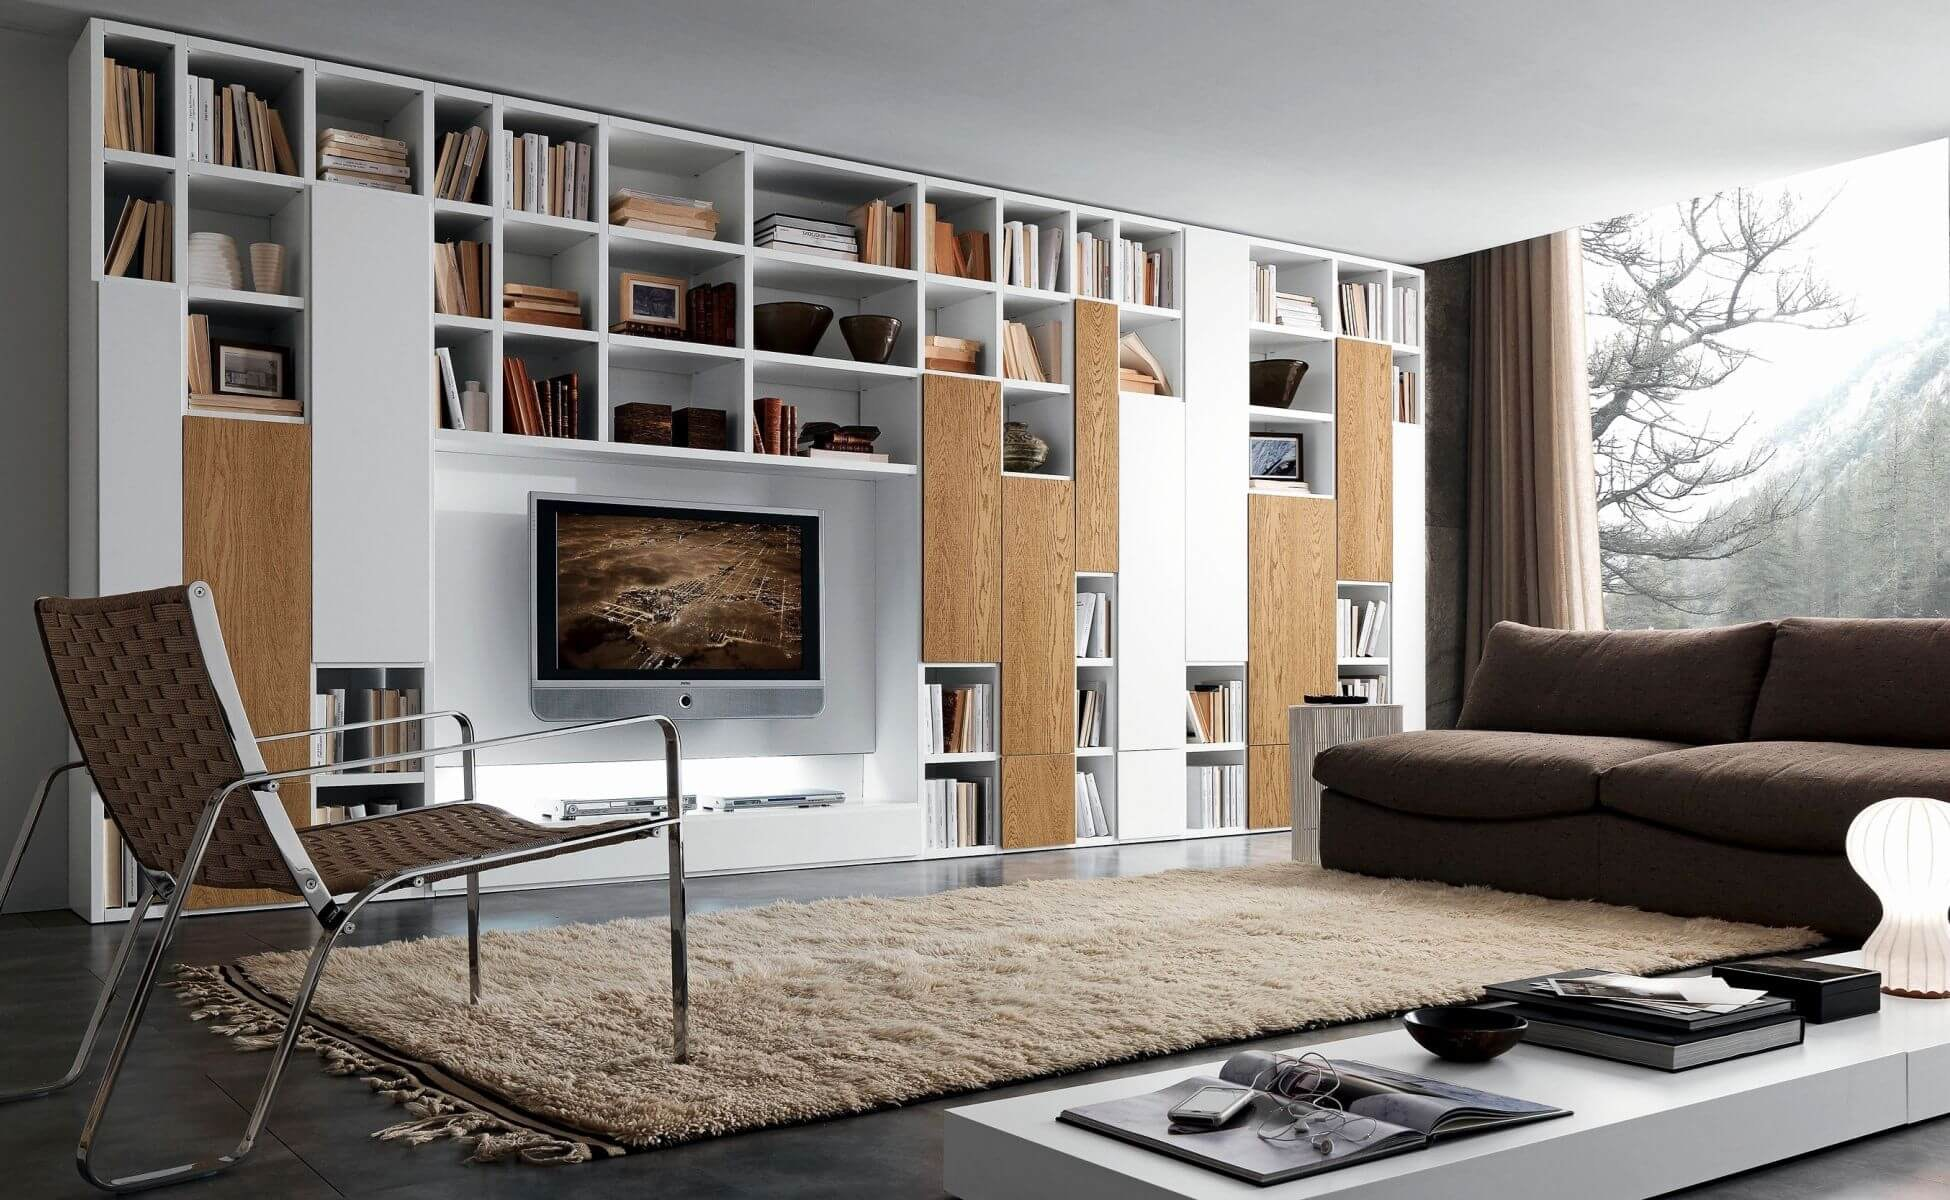 Meuble sur mesure, meuble personnalisé